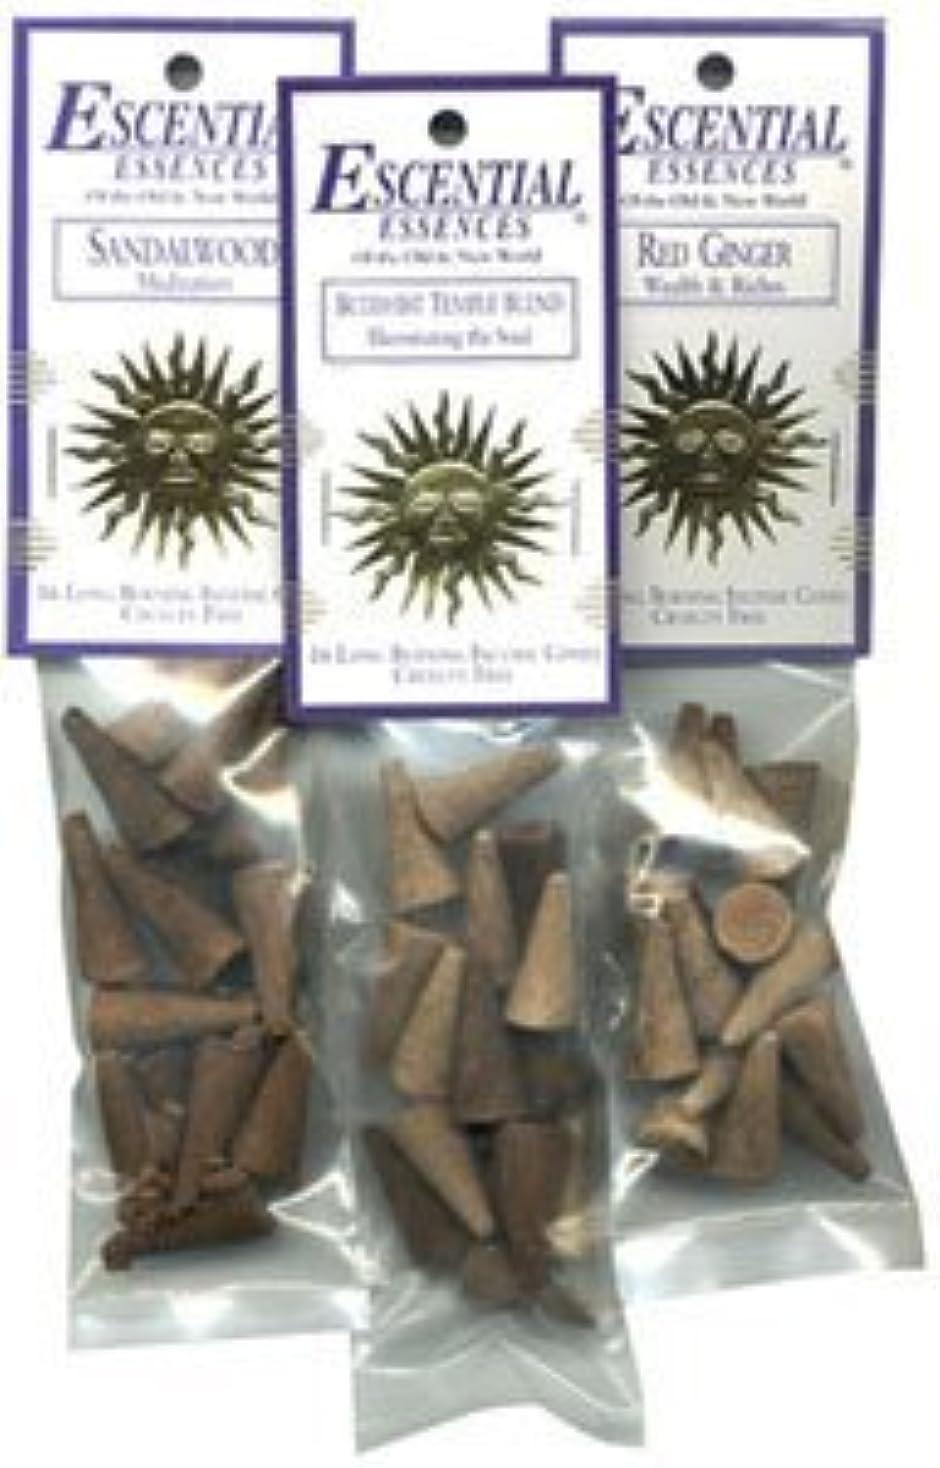 良さ卵ドラフトDragon 's Blood – Escential Essences Cone Incense – 16円錐パッケージ